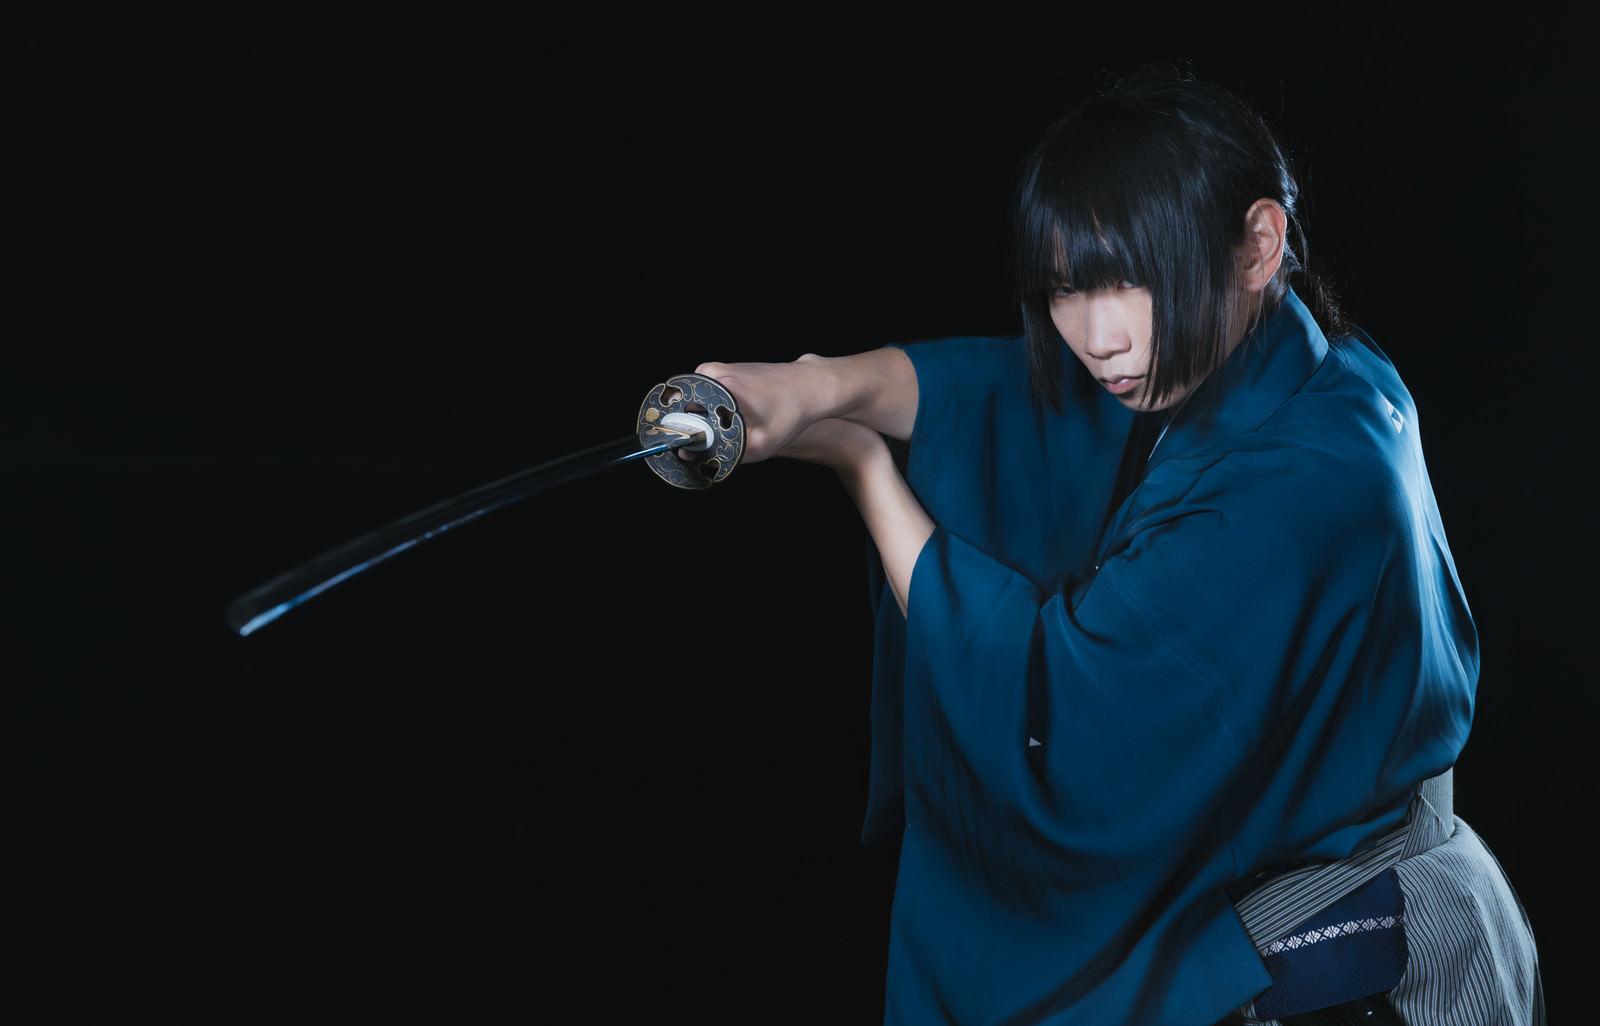 「暗闇の中で刀を抜く侍」の写真[モデル:まーこ]